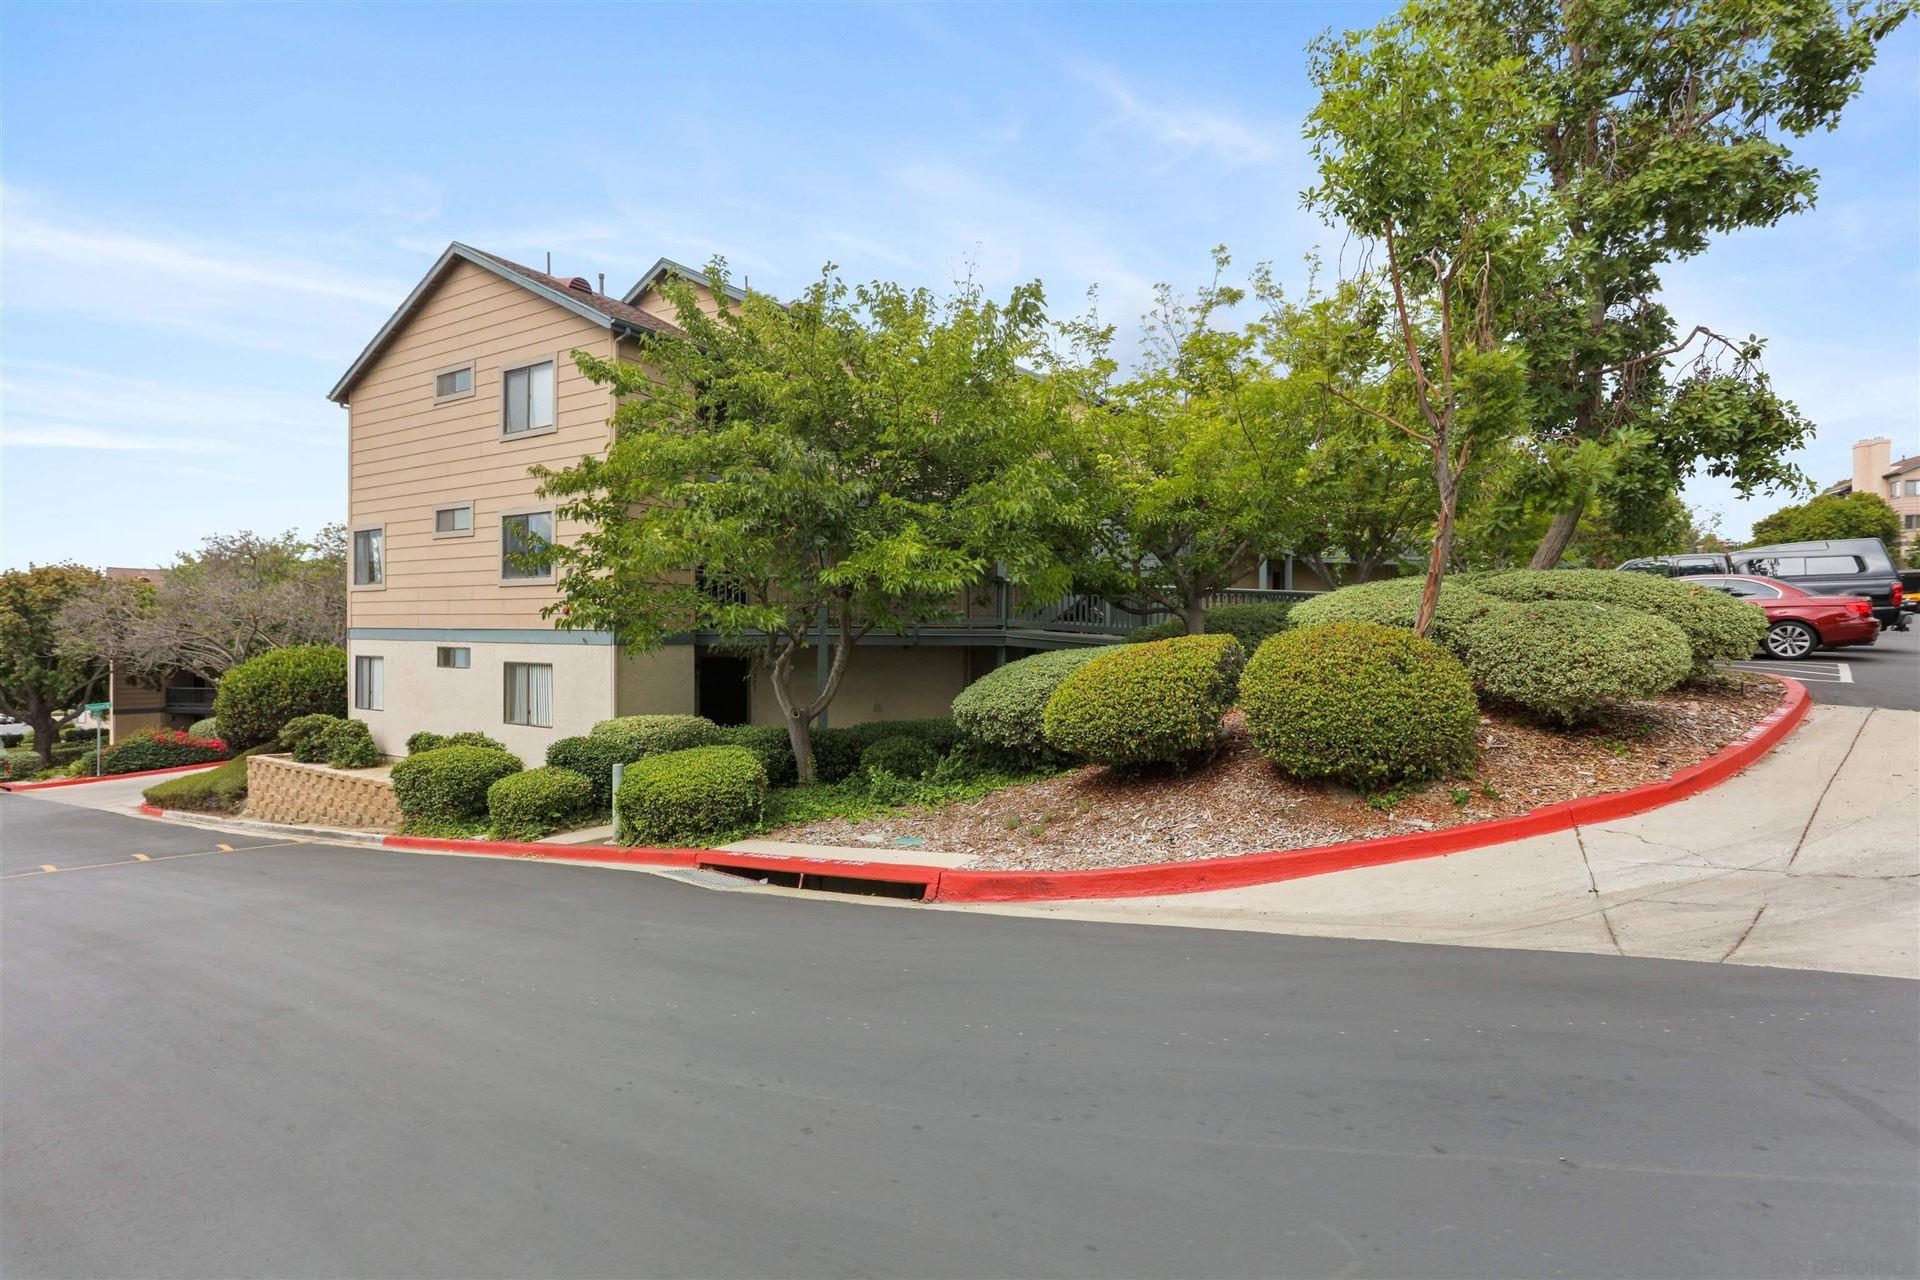 Photo of 3005 Golden Oak Way, Spring Valley, CA 91978 (MLS # 210029237)